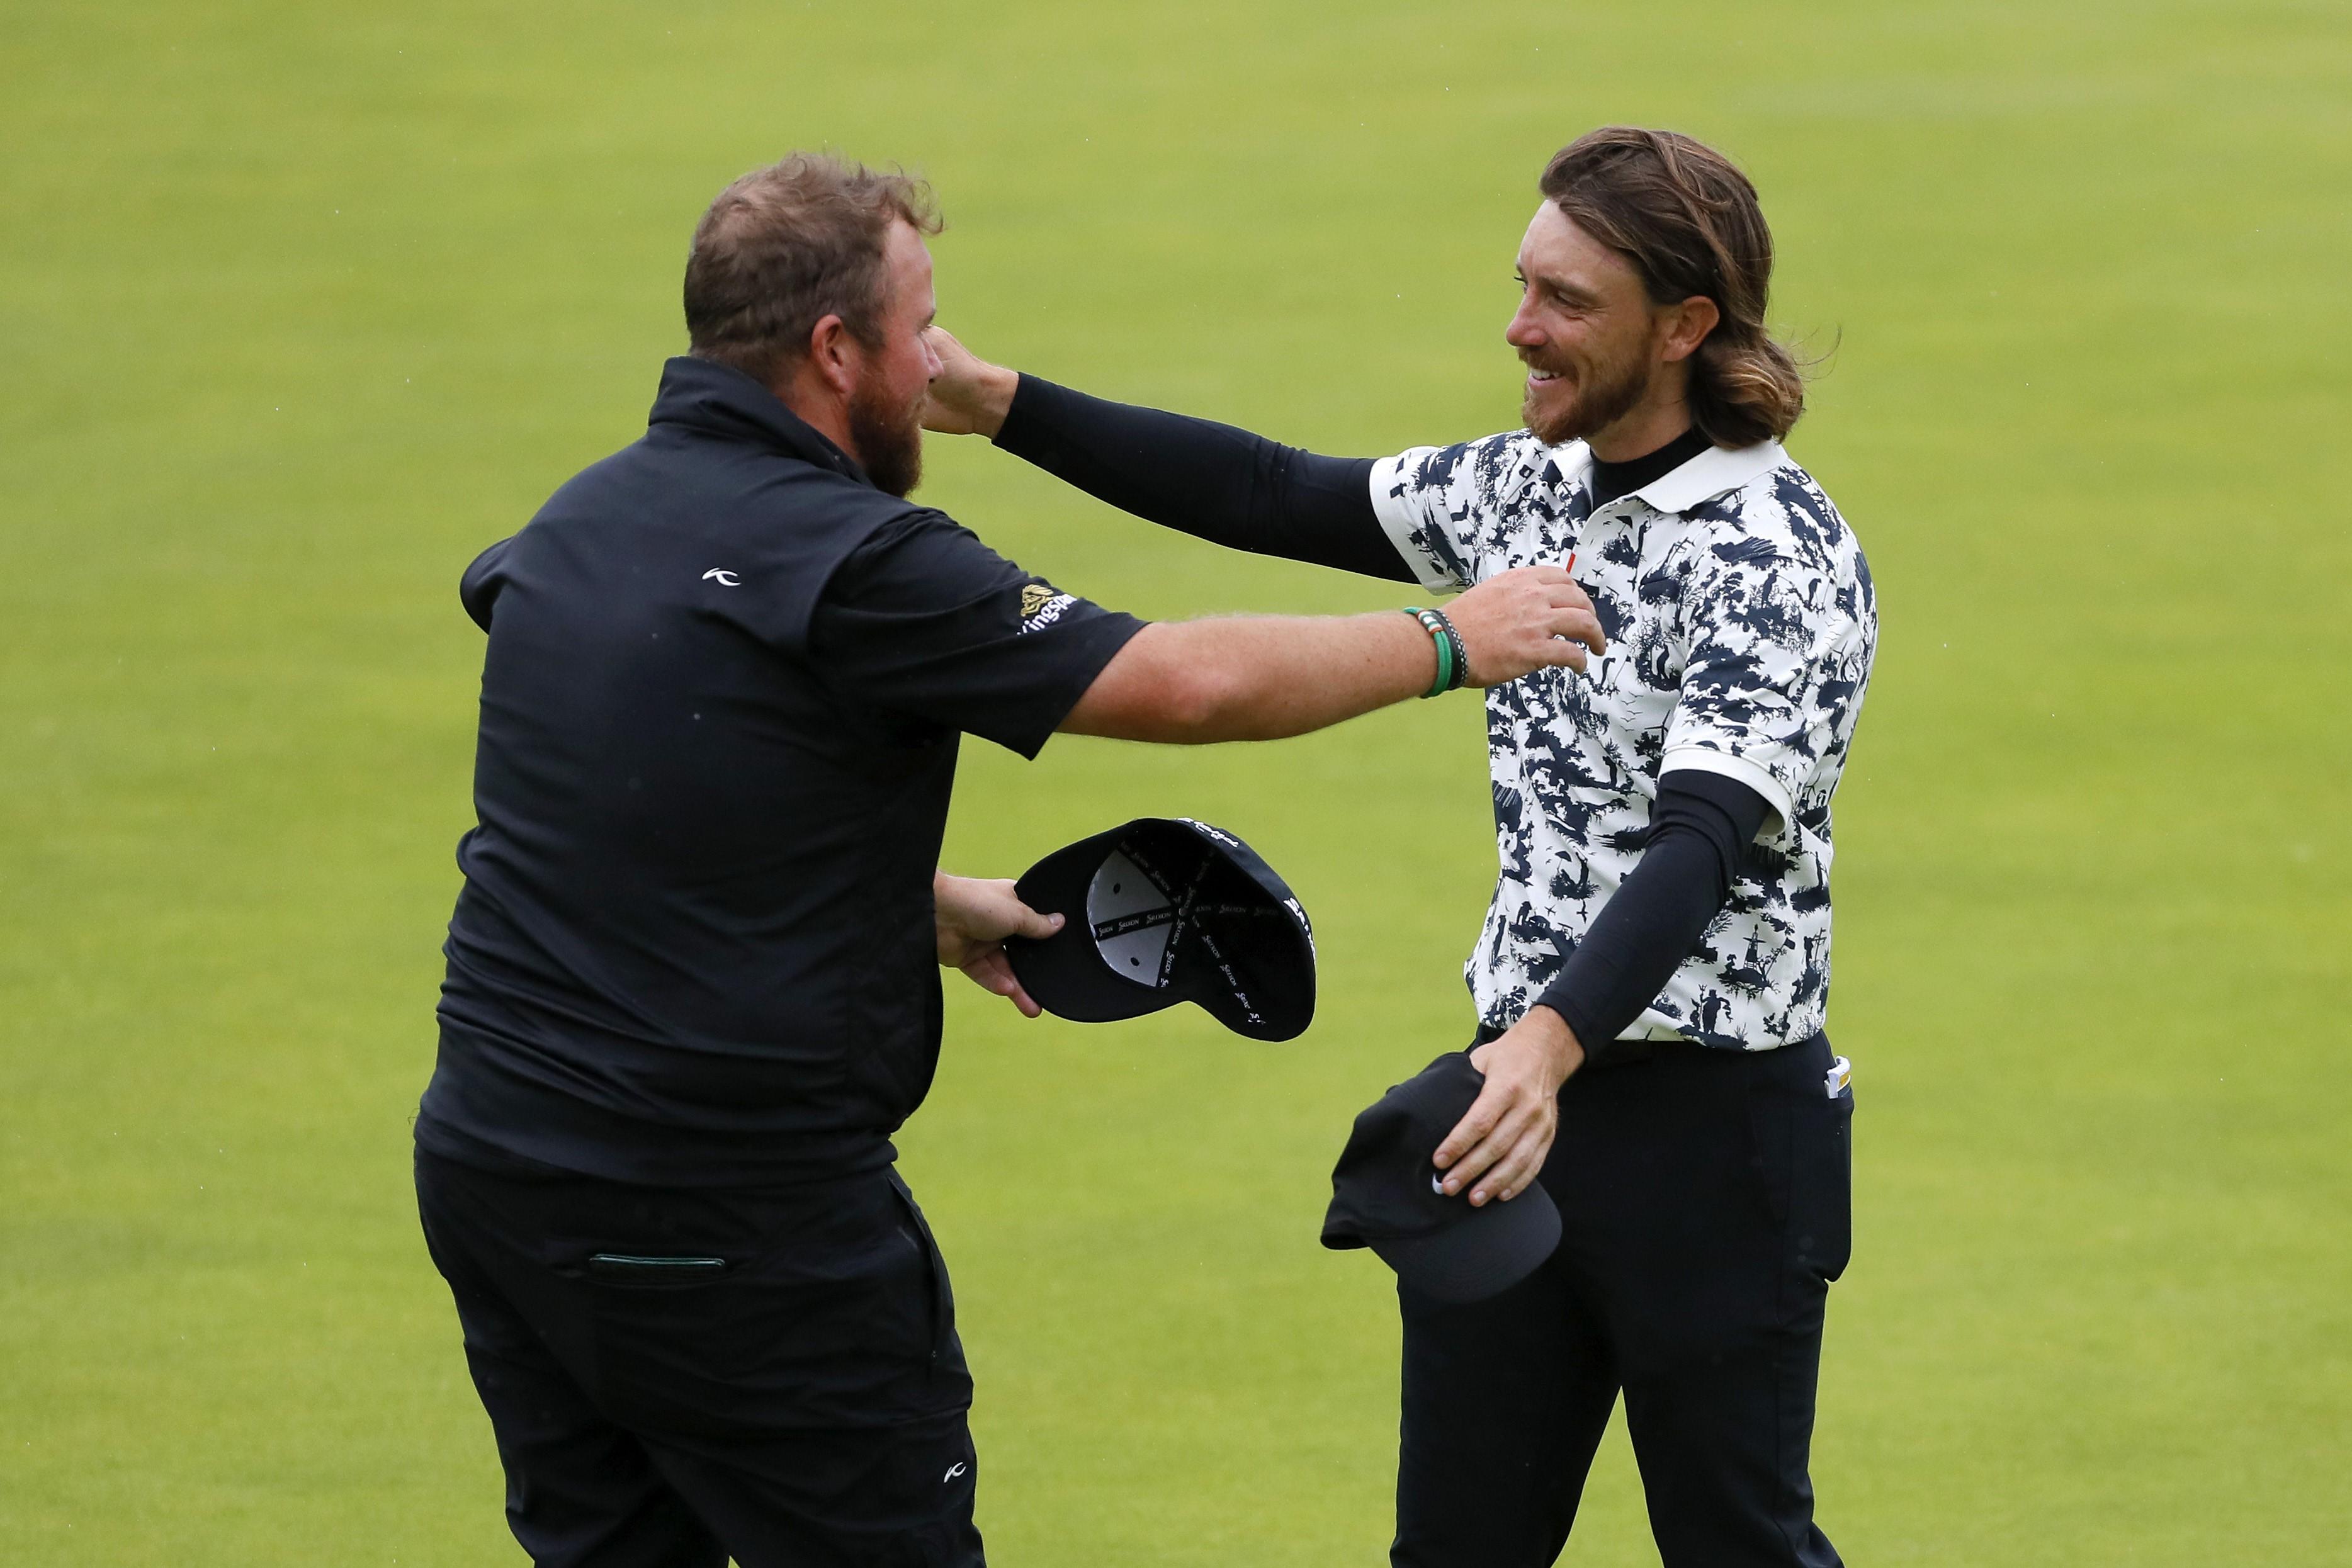 Shane Lowry et Tommy Fleetwood lors de l'Open Britannique 2019